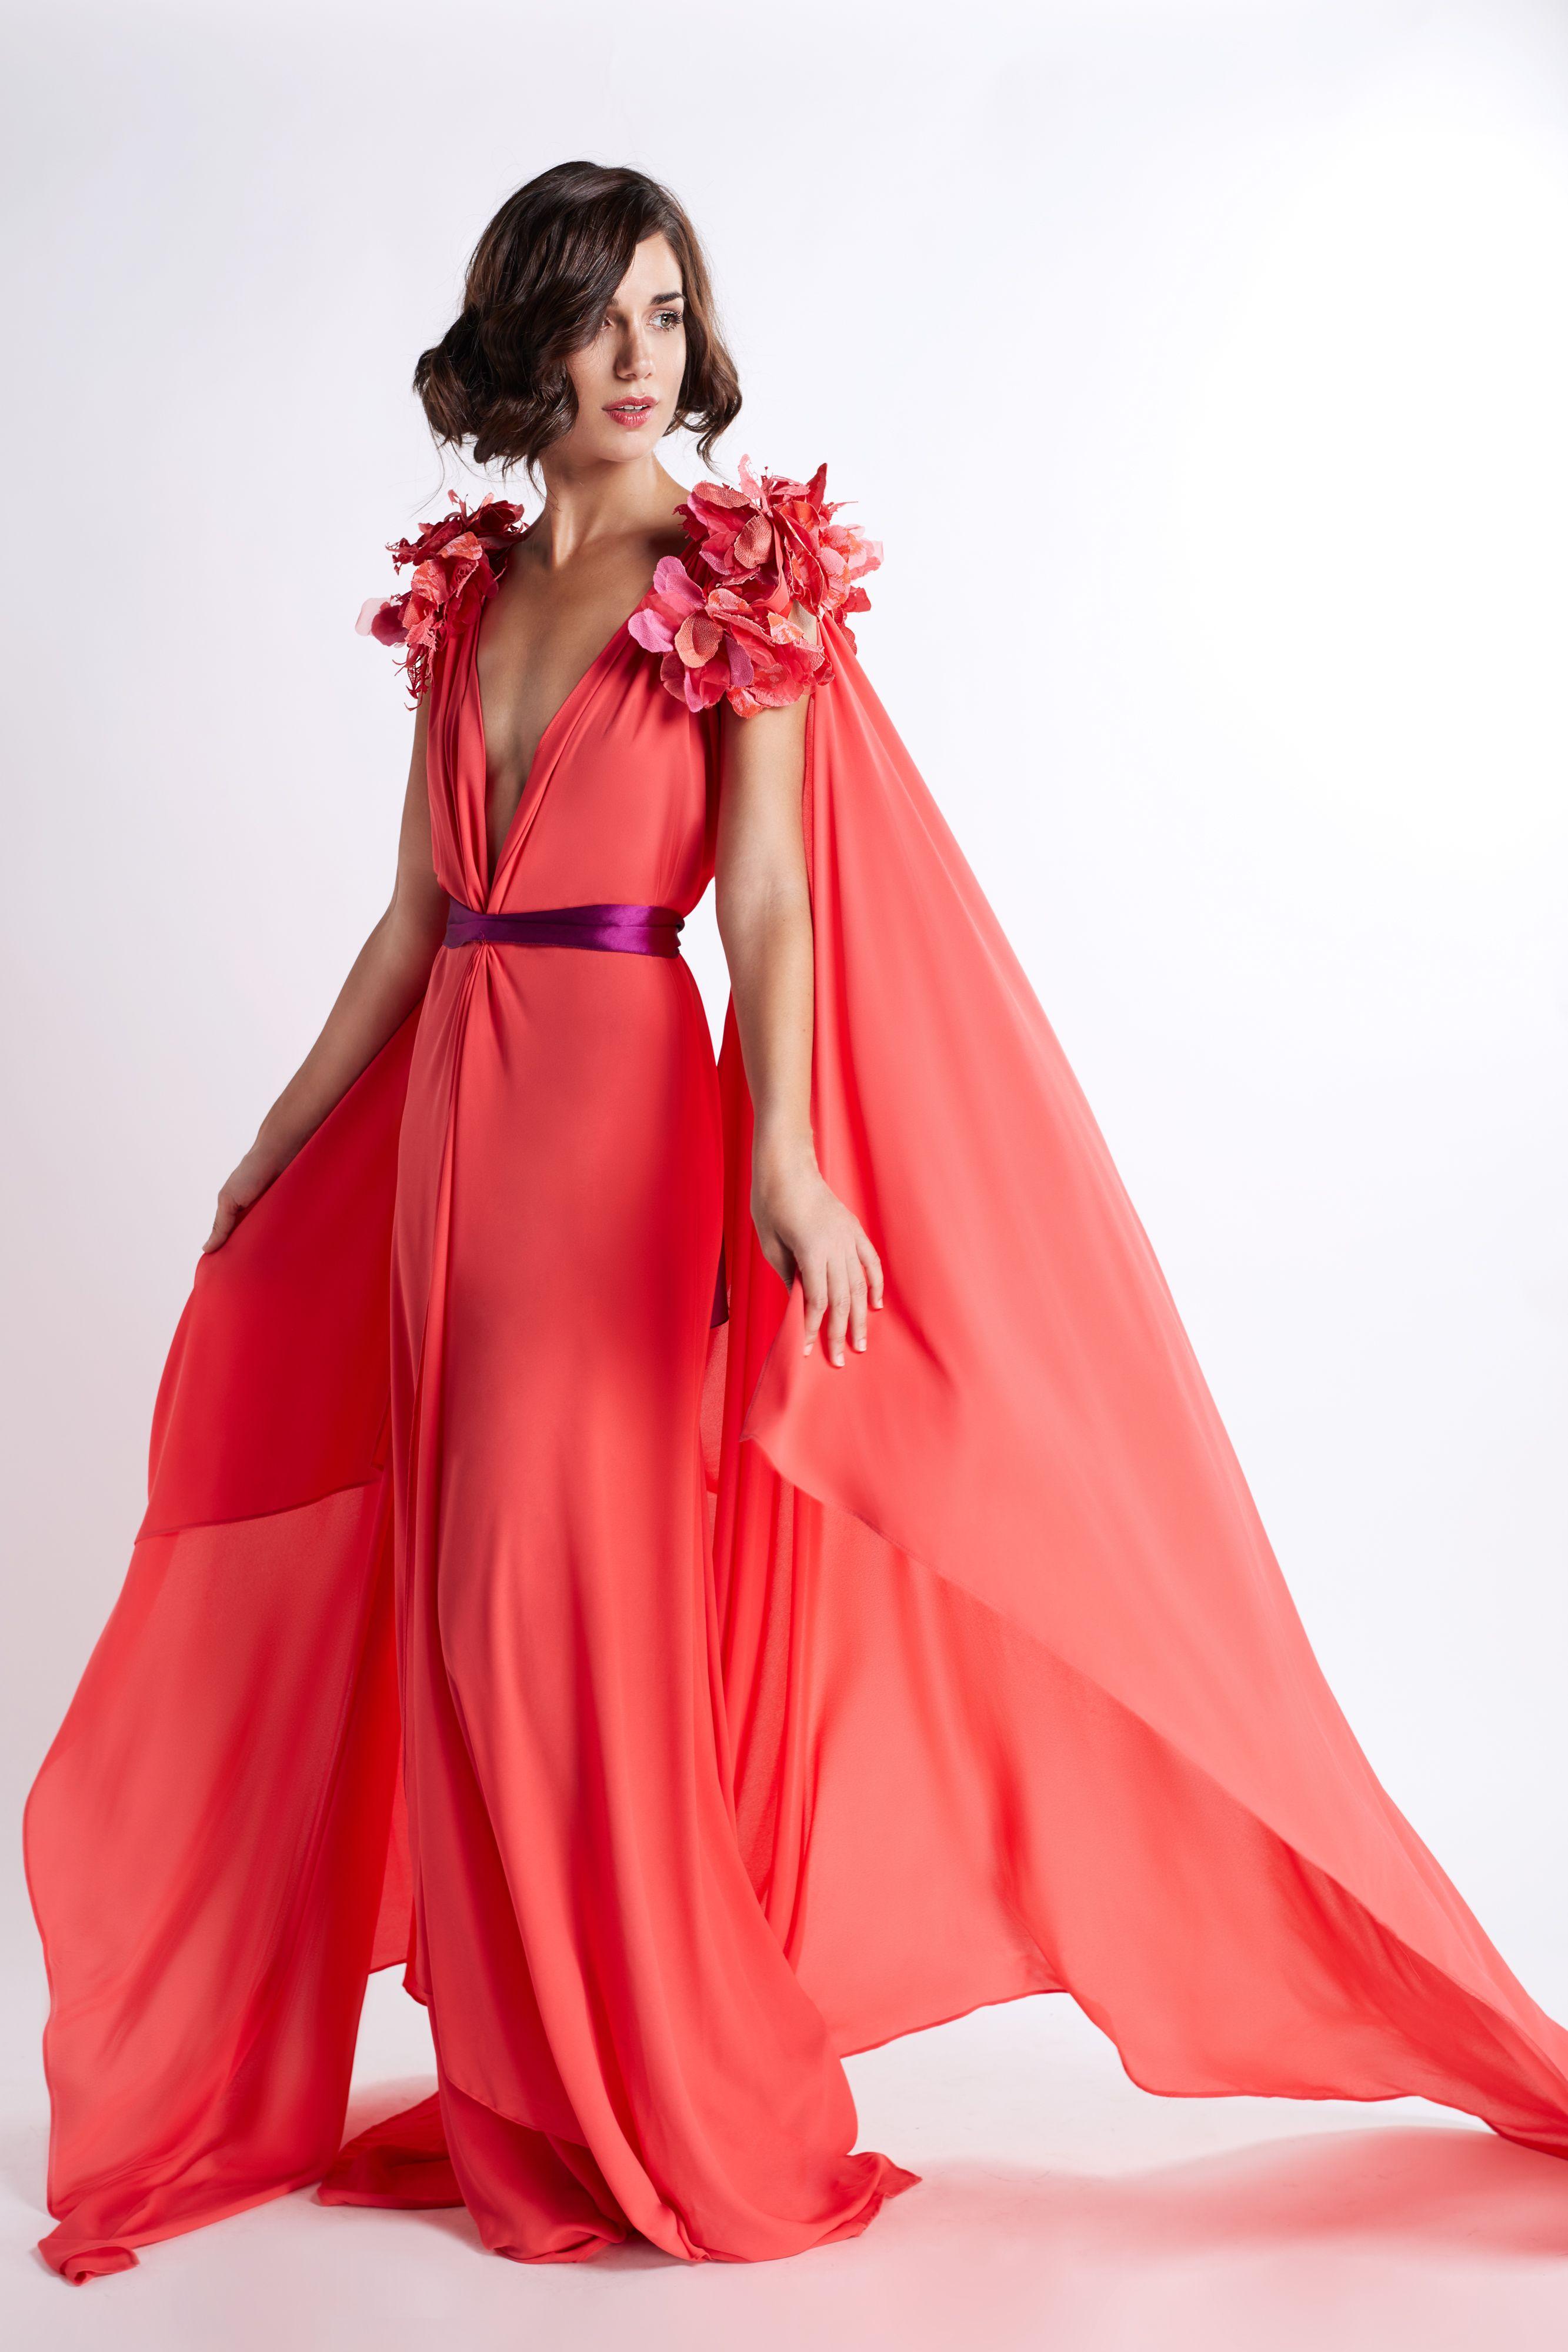 d3dbbc90c7f Vestido en color coral con escote en pico, vuelo y capa, con hombreras de  flores. Fajín en color morado para acentuar la cintura.